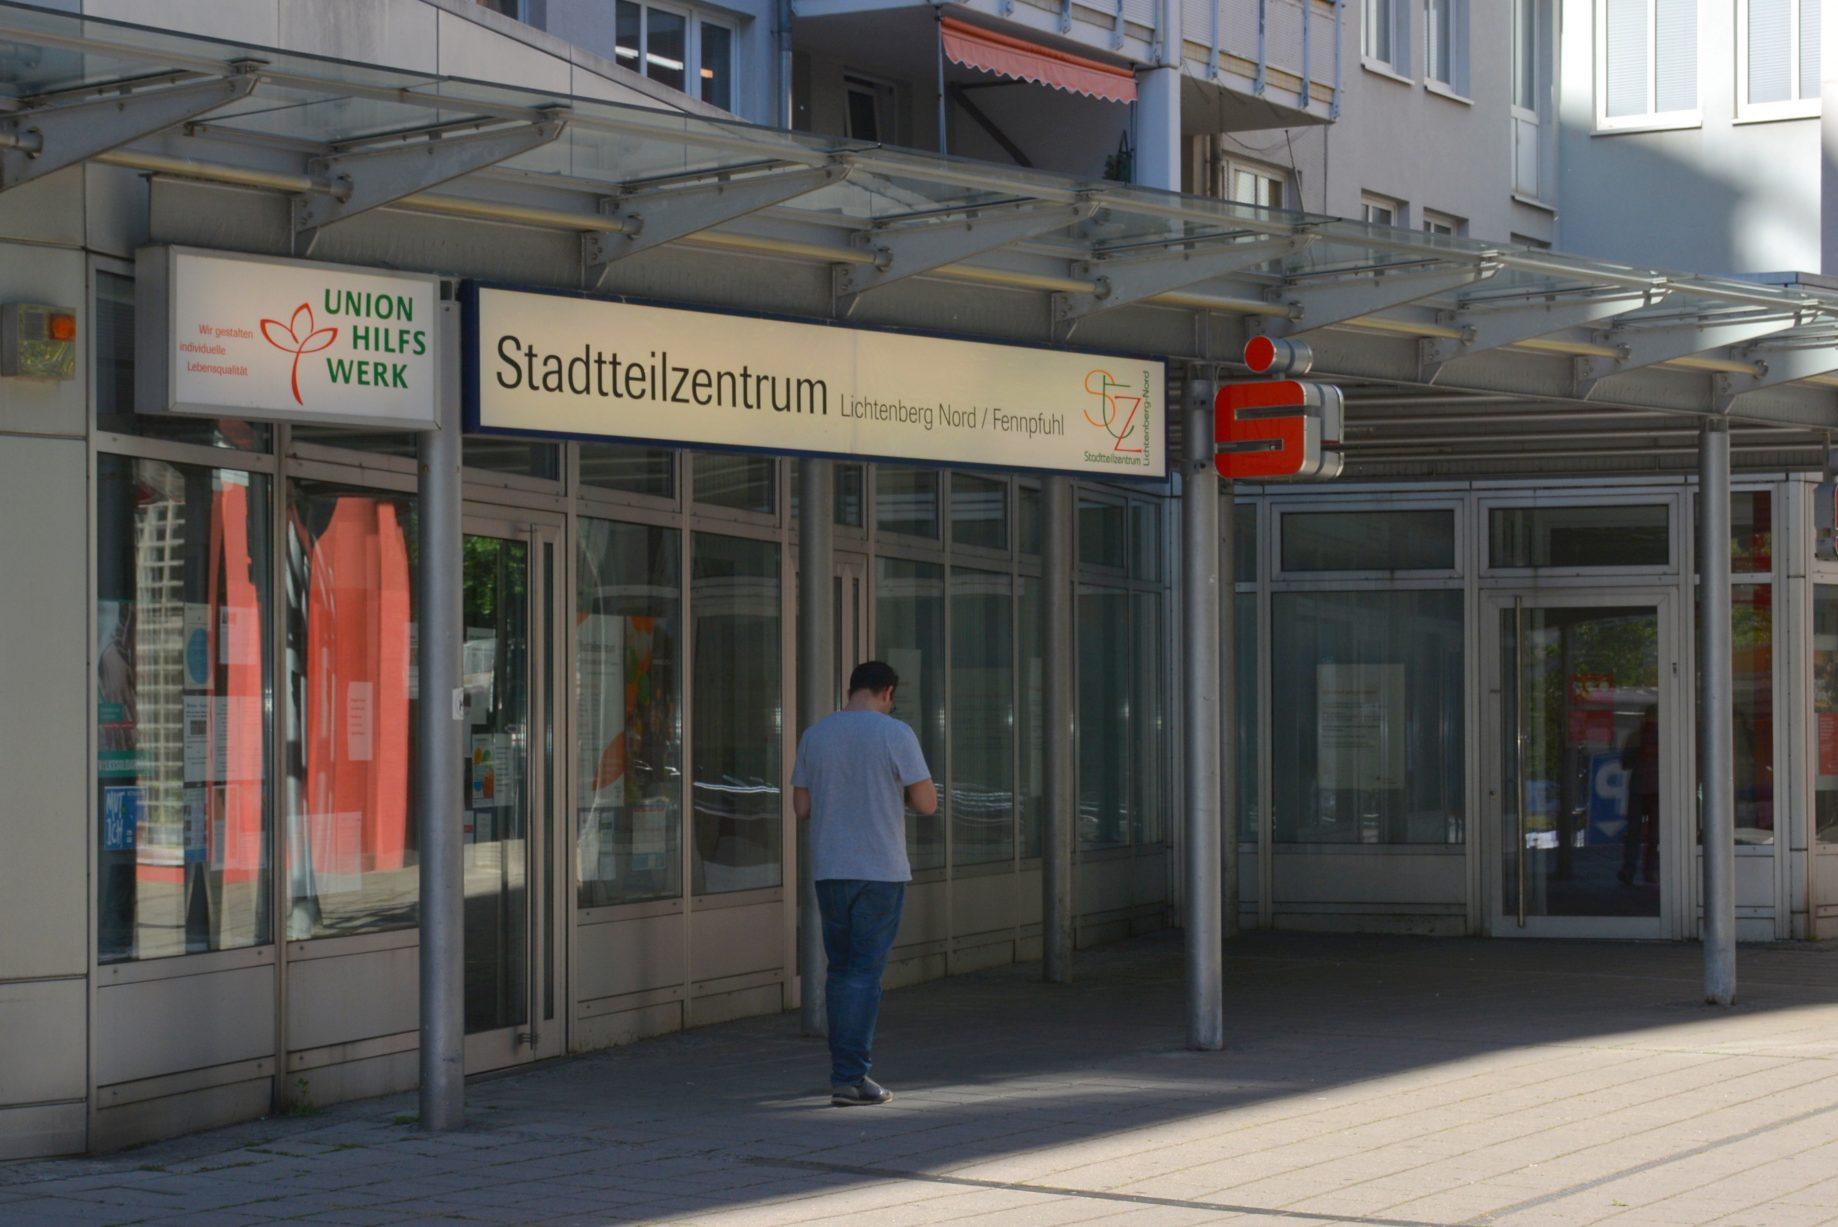 Eingang zum Stadtteilzentrum Fennpfuhl